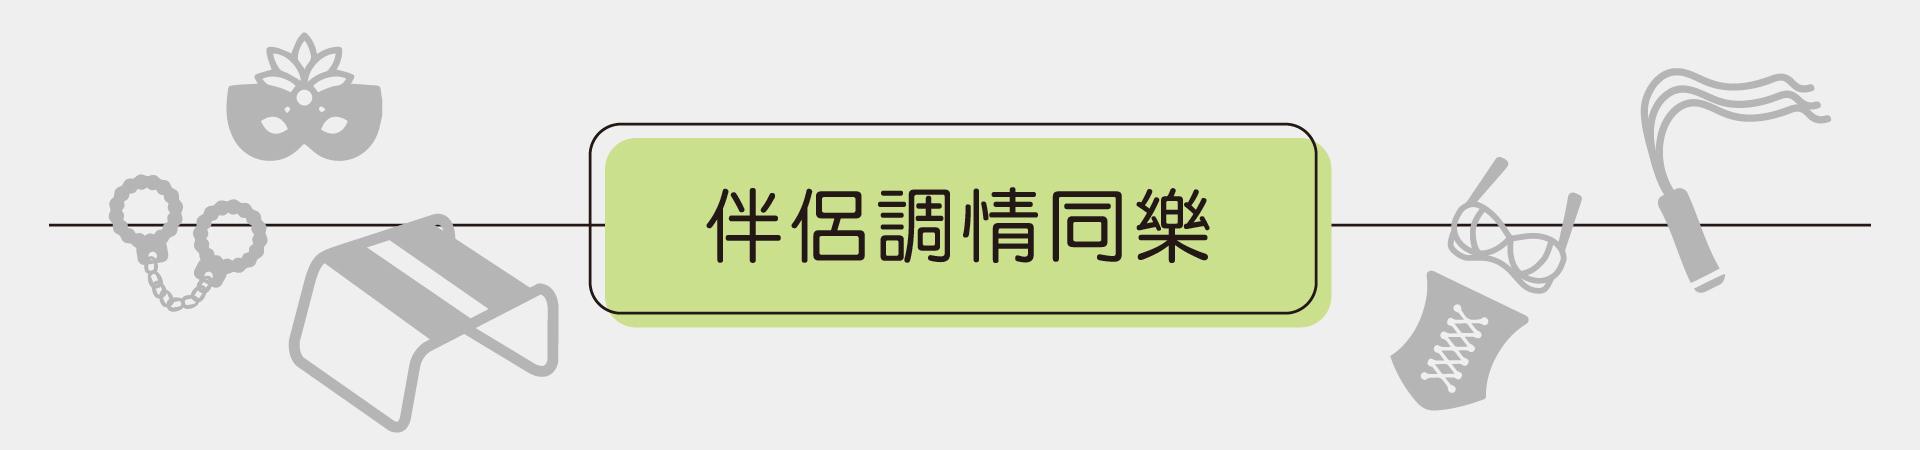 伴侶調情同樂情趣用品,按摩棒、情趣性感內衣、體位姿勢輔助道具、SM道具。Dr.情趣 台灣第一情趣用品首選商城